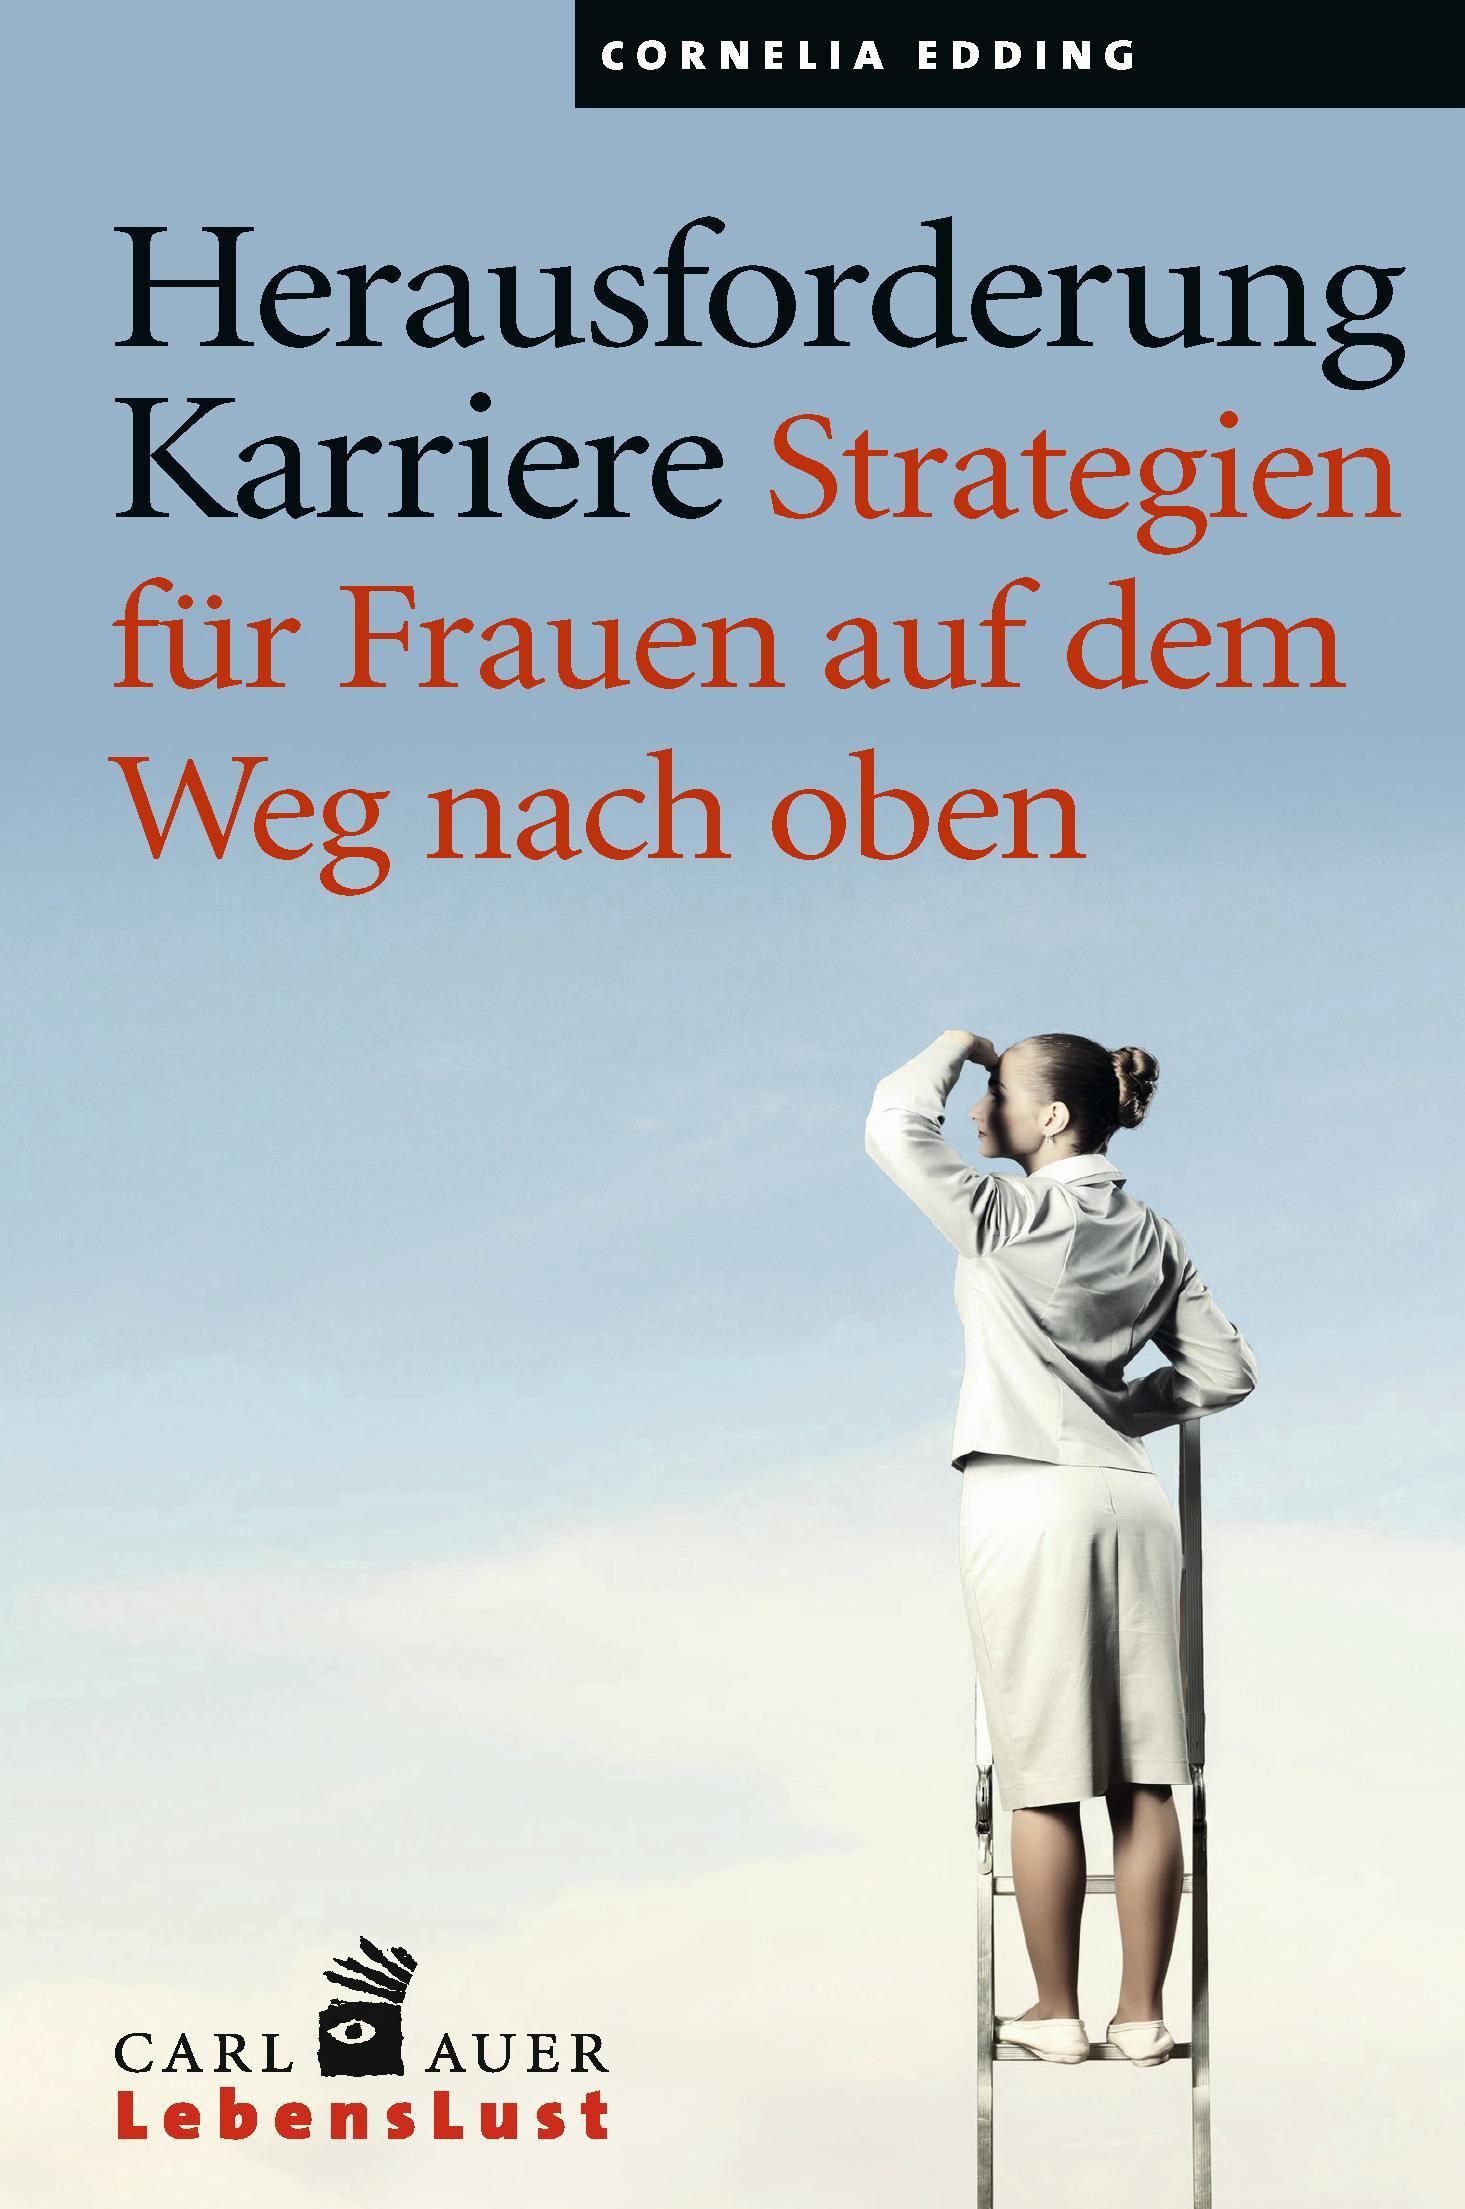 Strategien für Frauen (Foto: OTS)